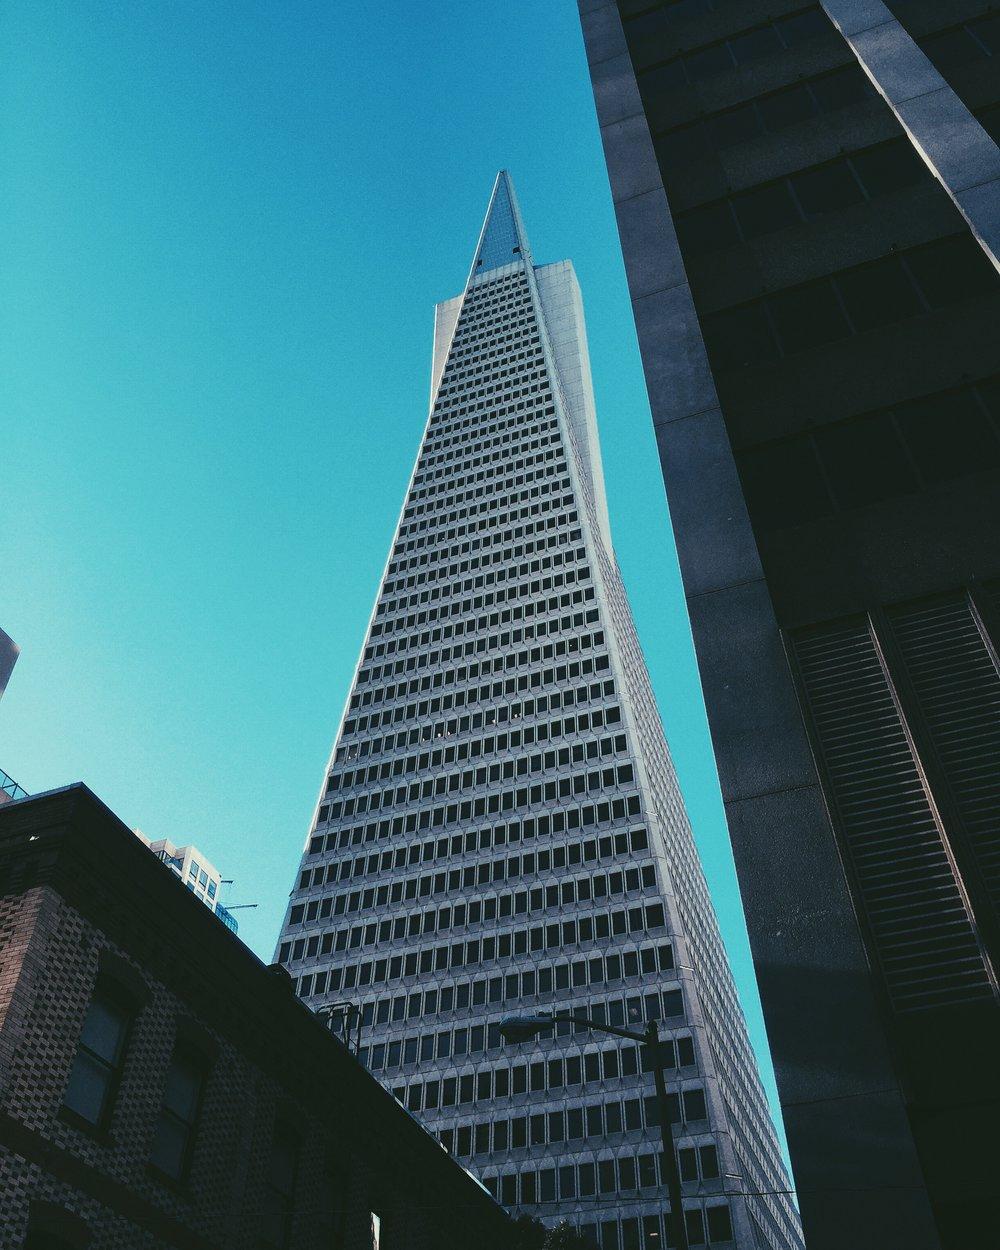 My favorite building in SF!